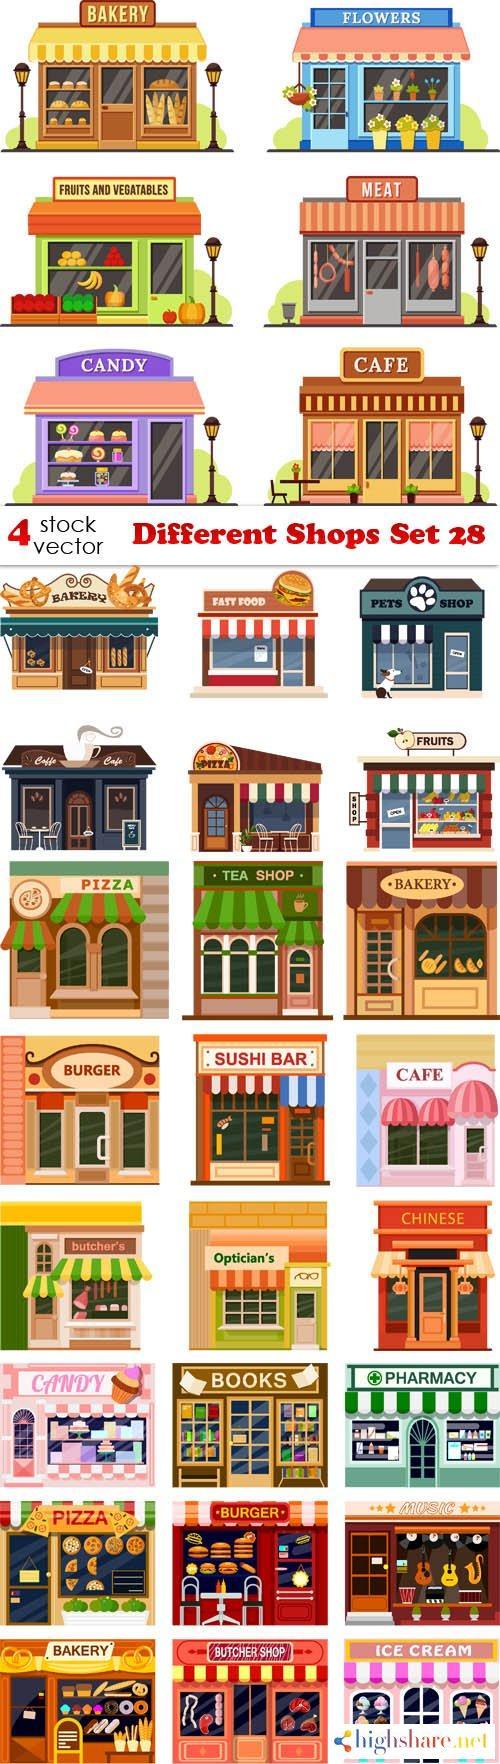 vectors different shops set 28 5f3fe83e0c0a6 - Vectors - Different Shops Set 28